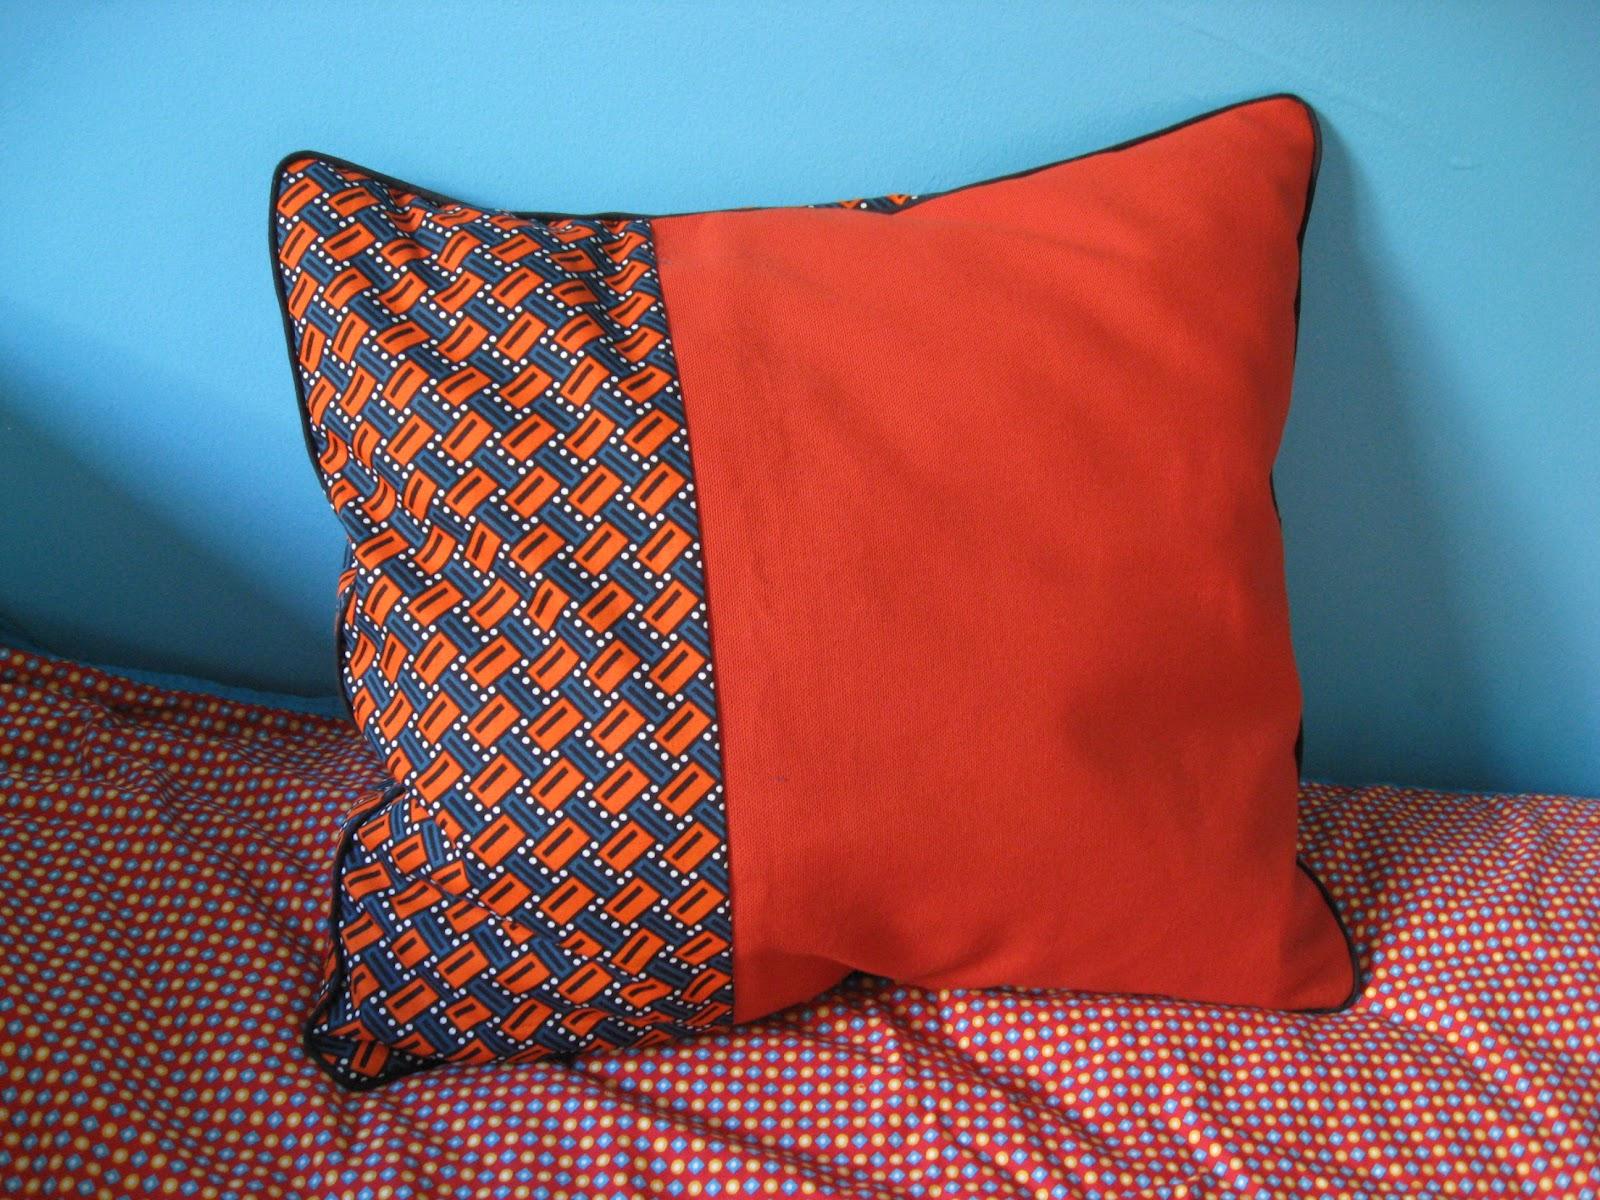 francine et rosalie ao t 2012. Black Bedroom Furniture Sets. Home Design Ideas